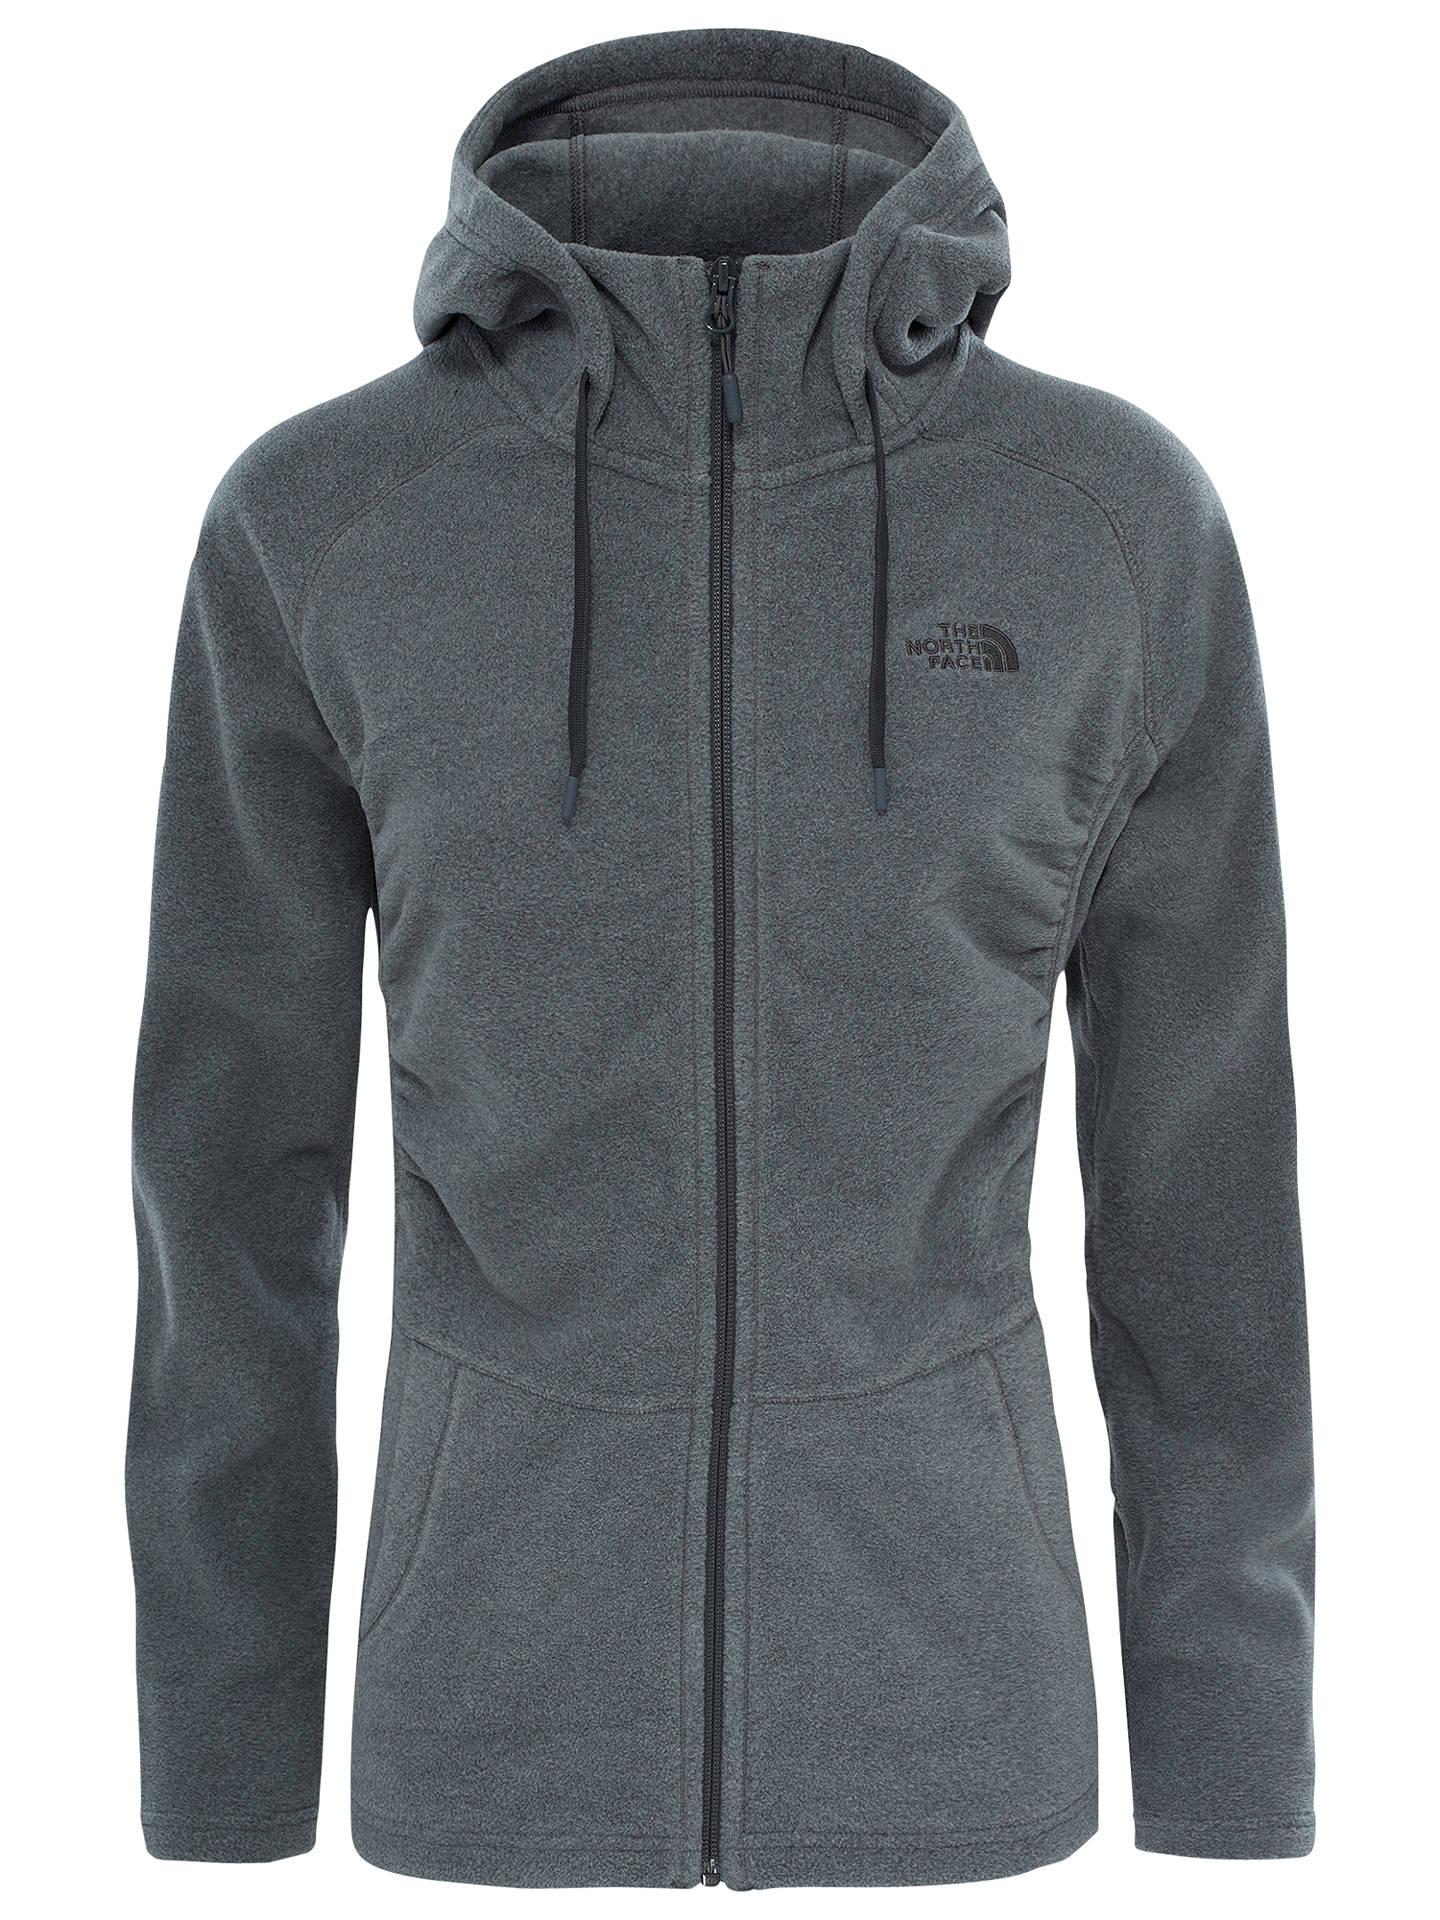 3515ac7f85 Buy The North Face Mezzaluna Full Zip Fleece Hoodie, Grey, S Online at  johnlewis ...